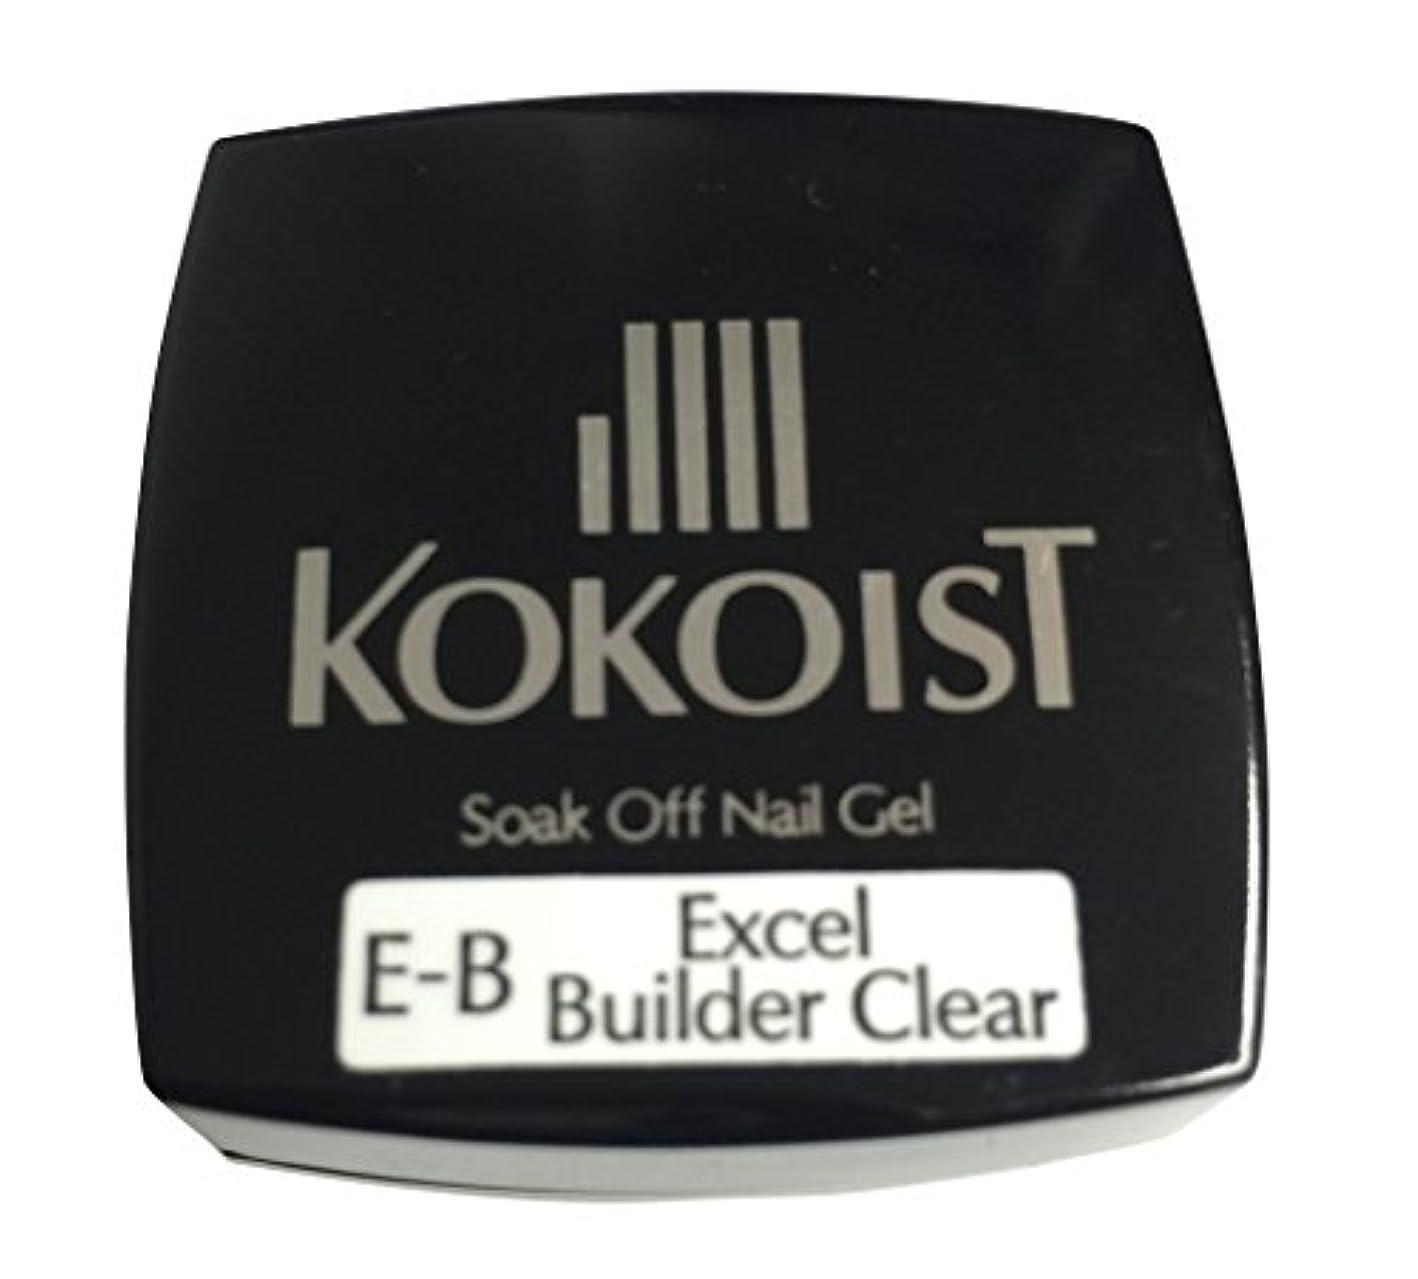 複製する絵に話すKOKOIST(ココイスト) ソークオフクリアジェル エクセルビルダー  4g